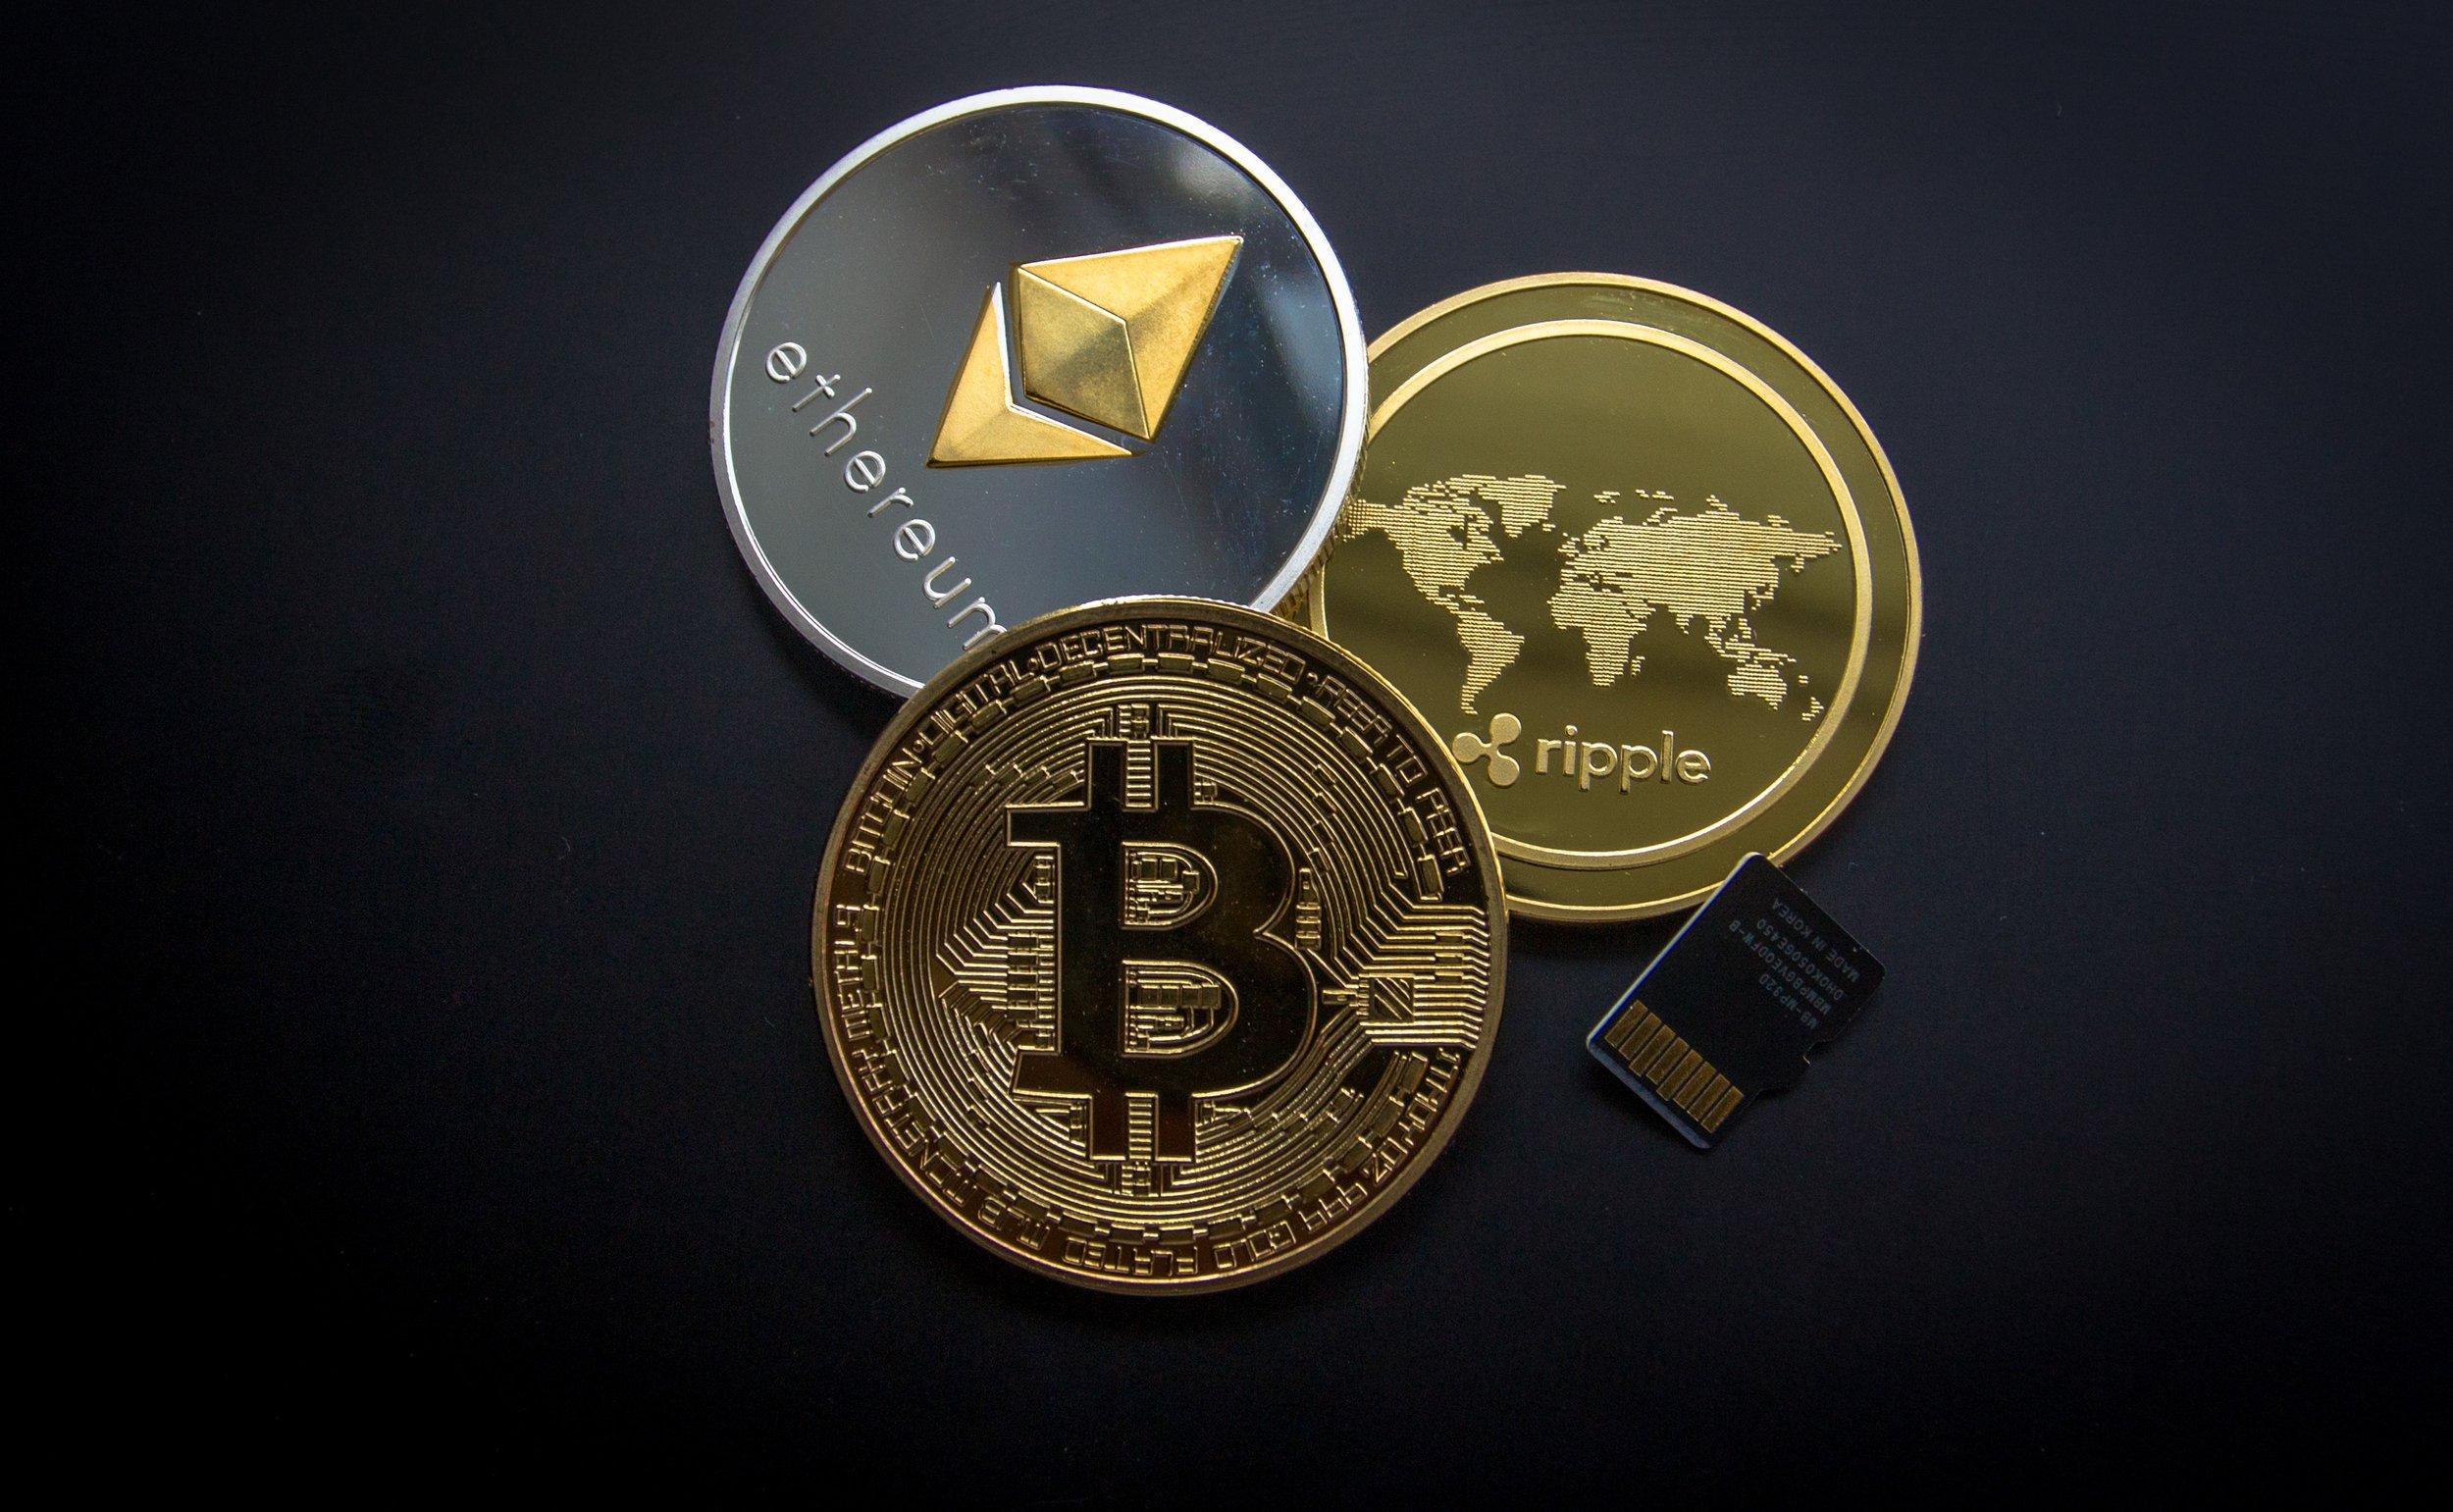 bank-bitcoin-business-844124.jpg